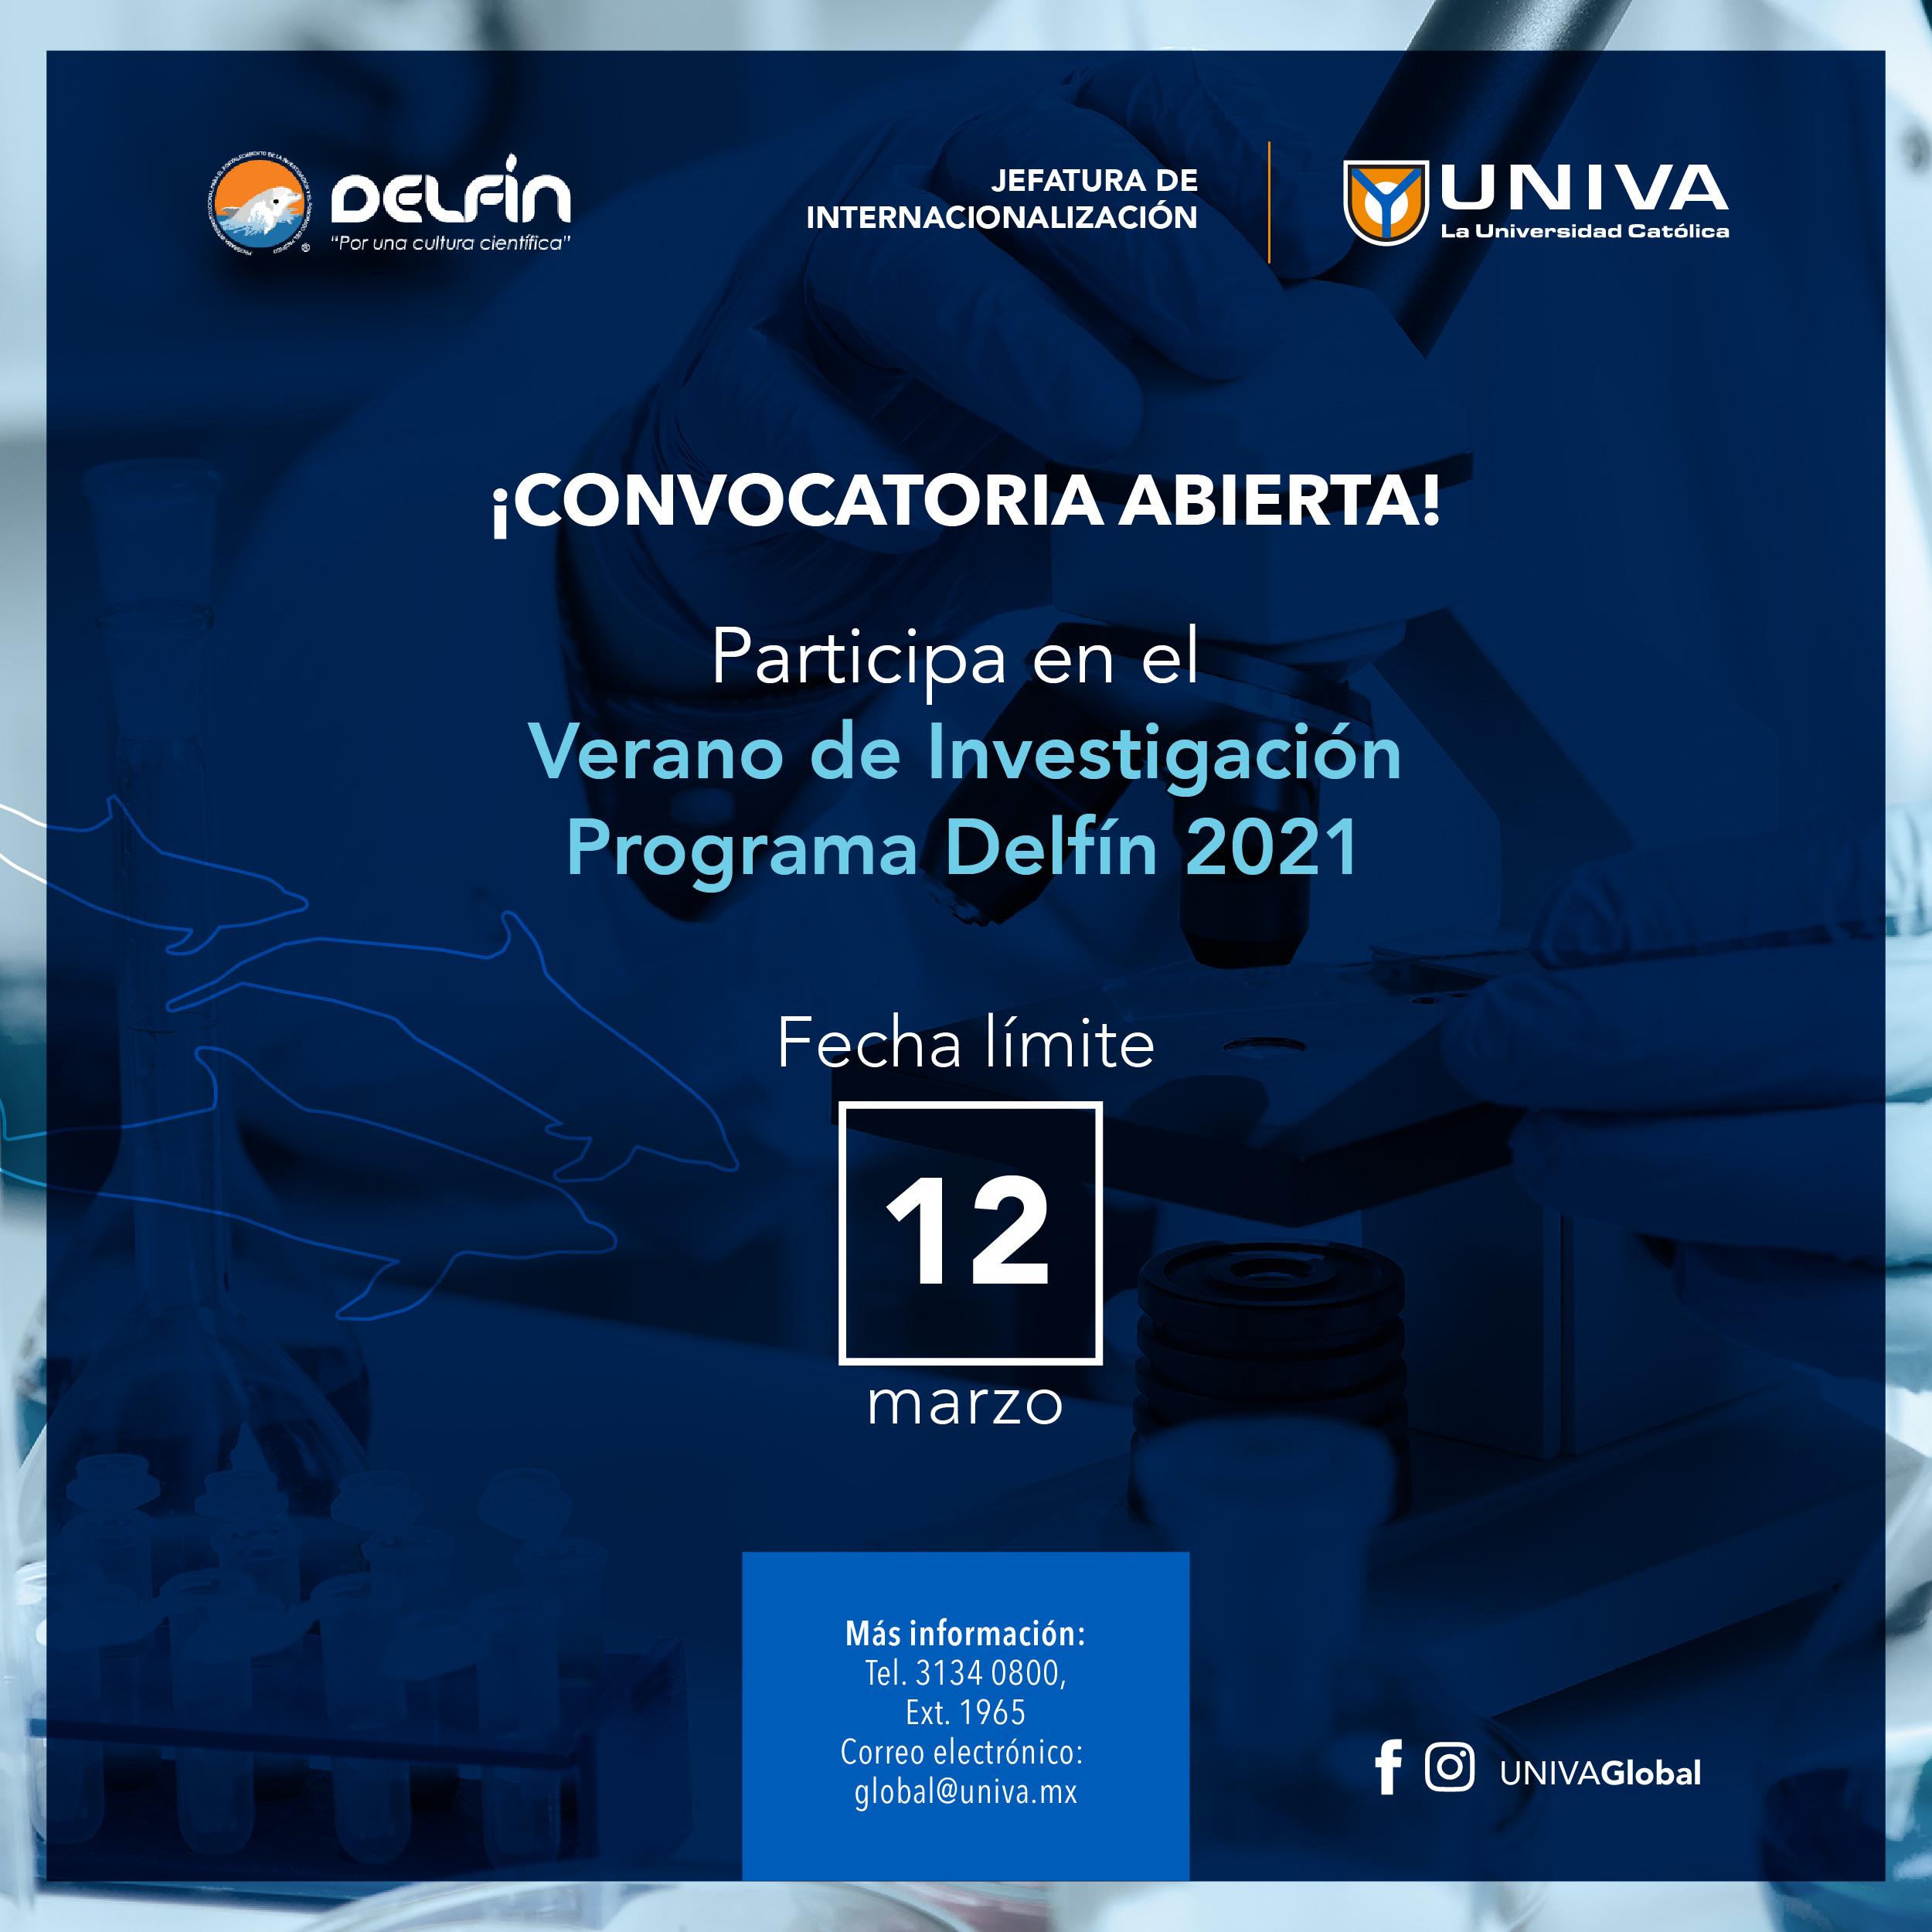 Convocatoria Programa de Investigación Científica Verano Delfín 2021.